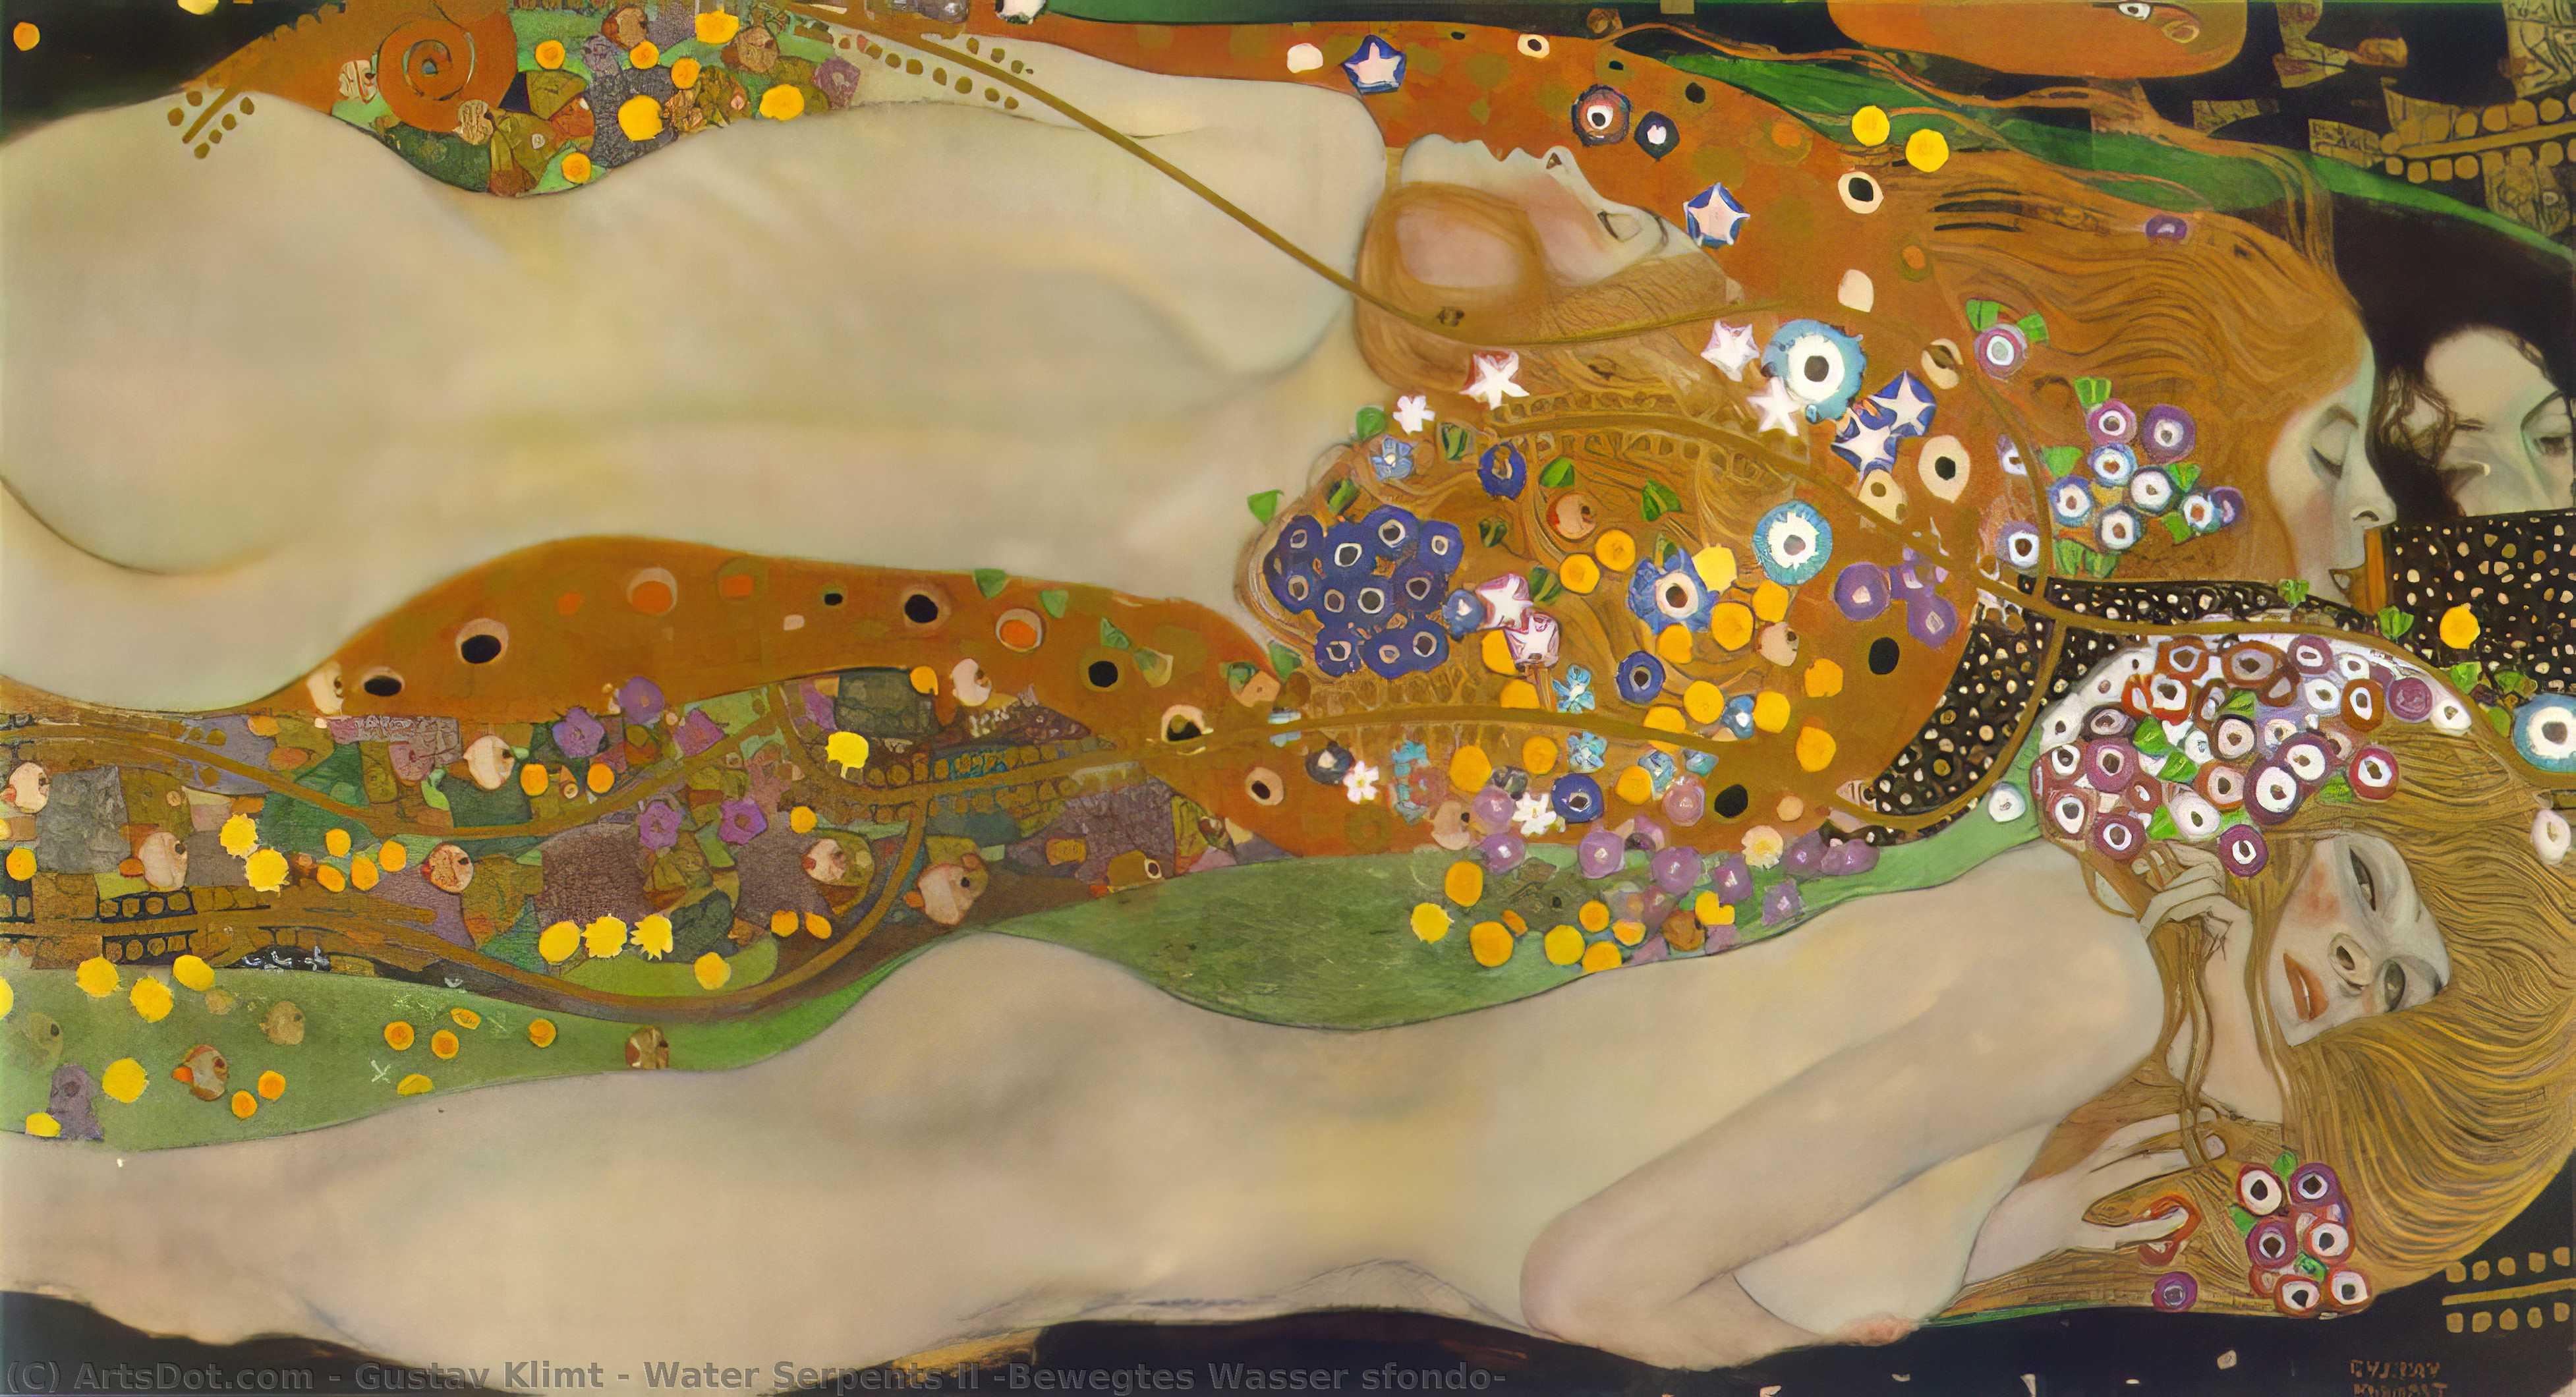 WikiOO.org - Enciclopédia das Belas Artes - Pintura, Arte por Gustav Klimt - Water Serpents II (Bewegtes Wasser sfondo)